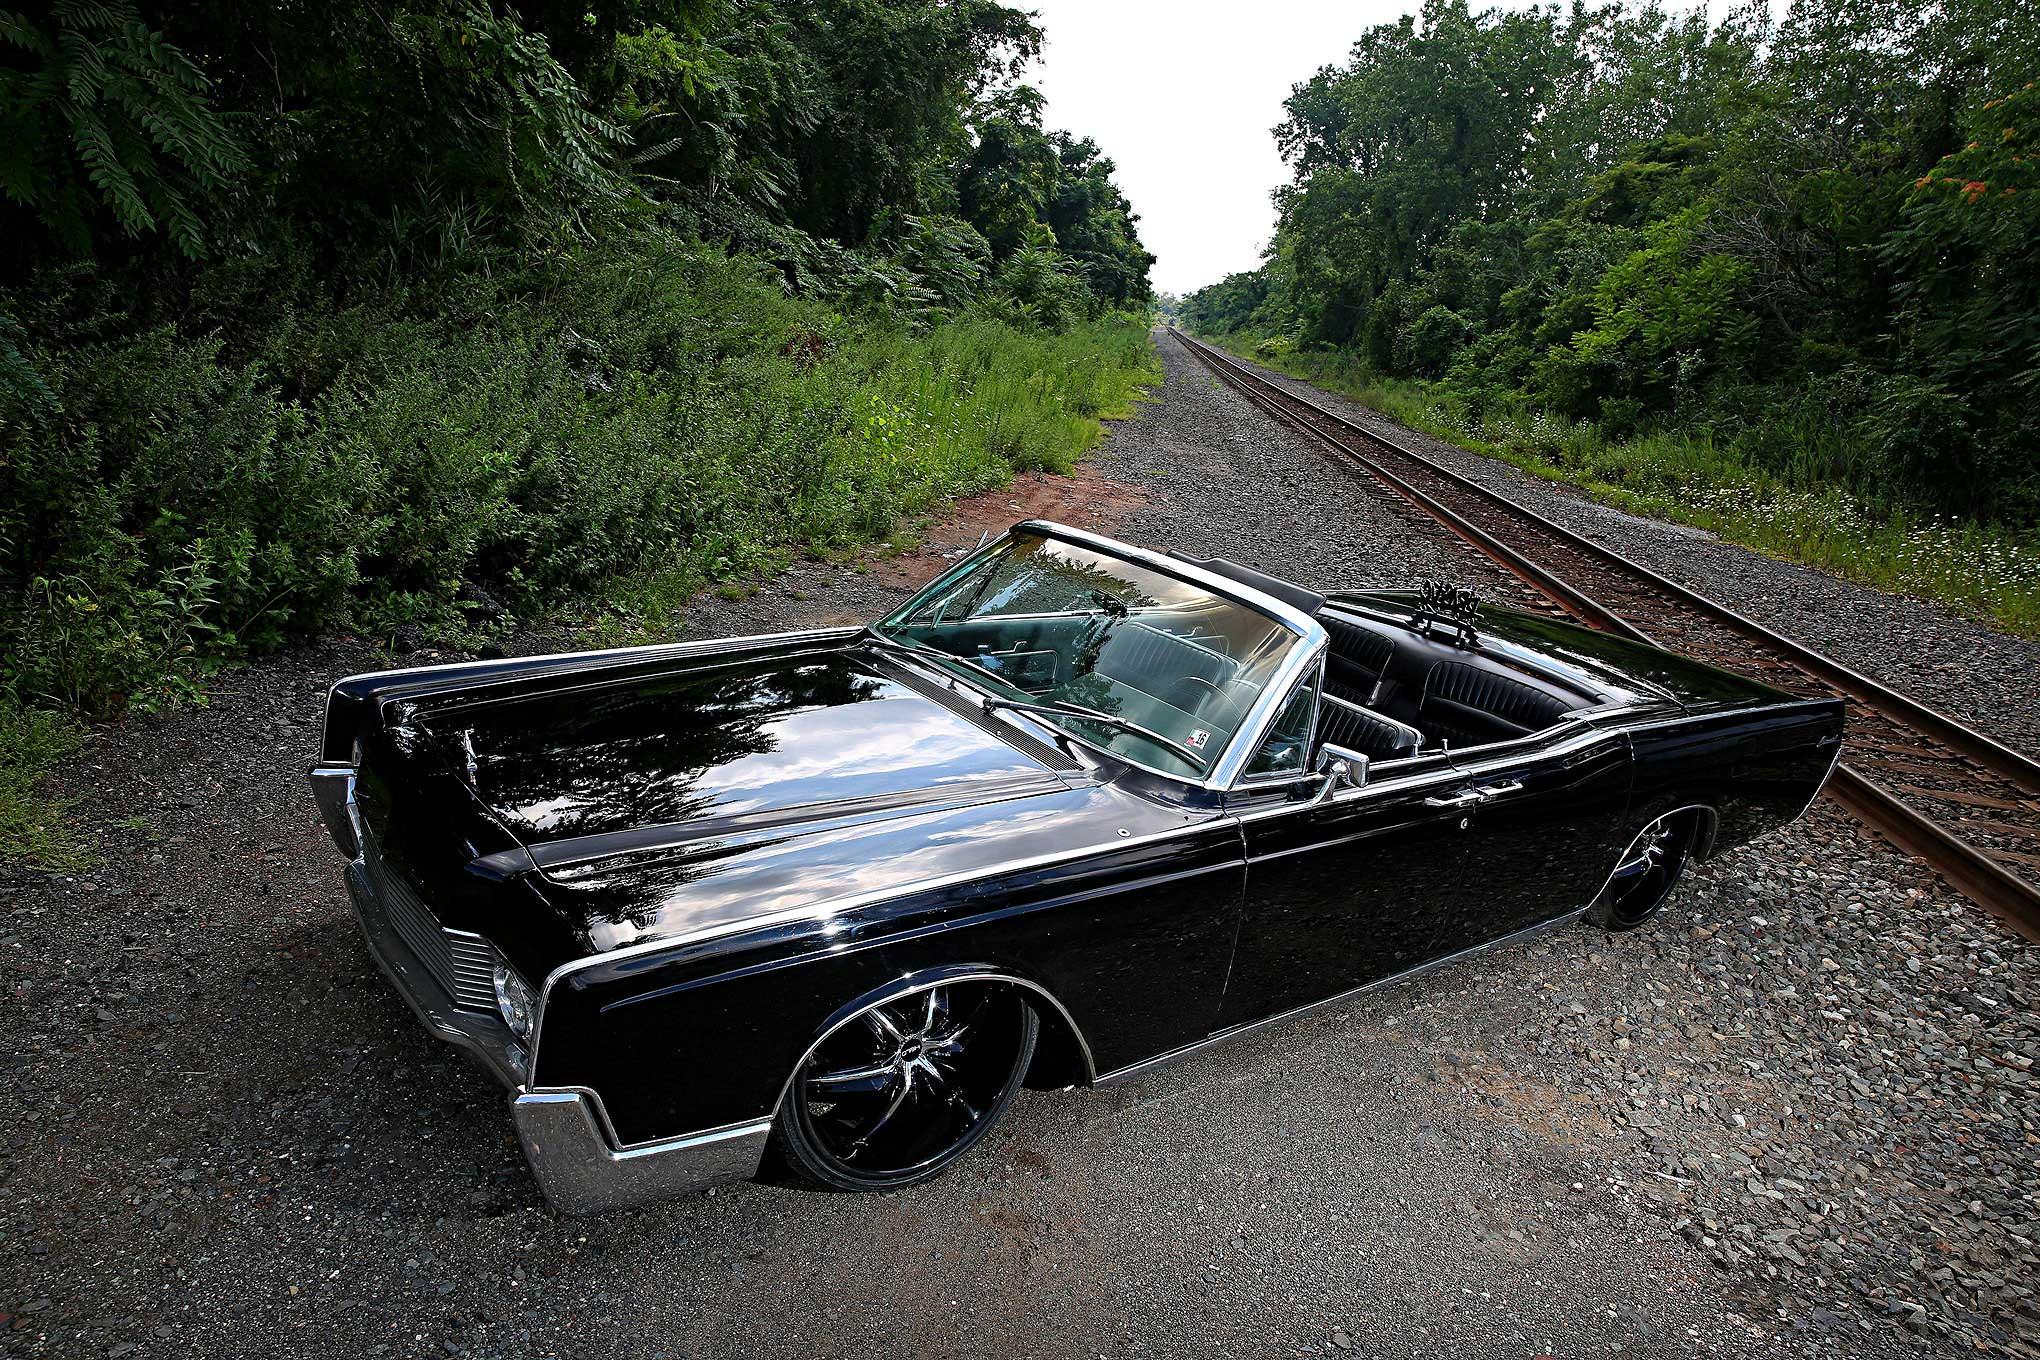 Auto Show Miami >> 1966 Lincoln Continental - Yin & Yang